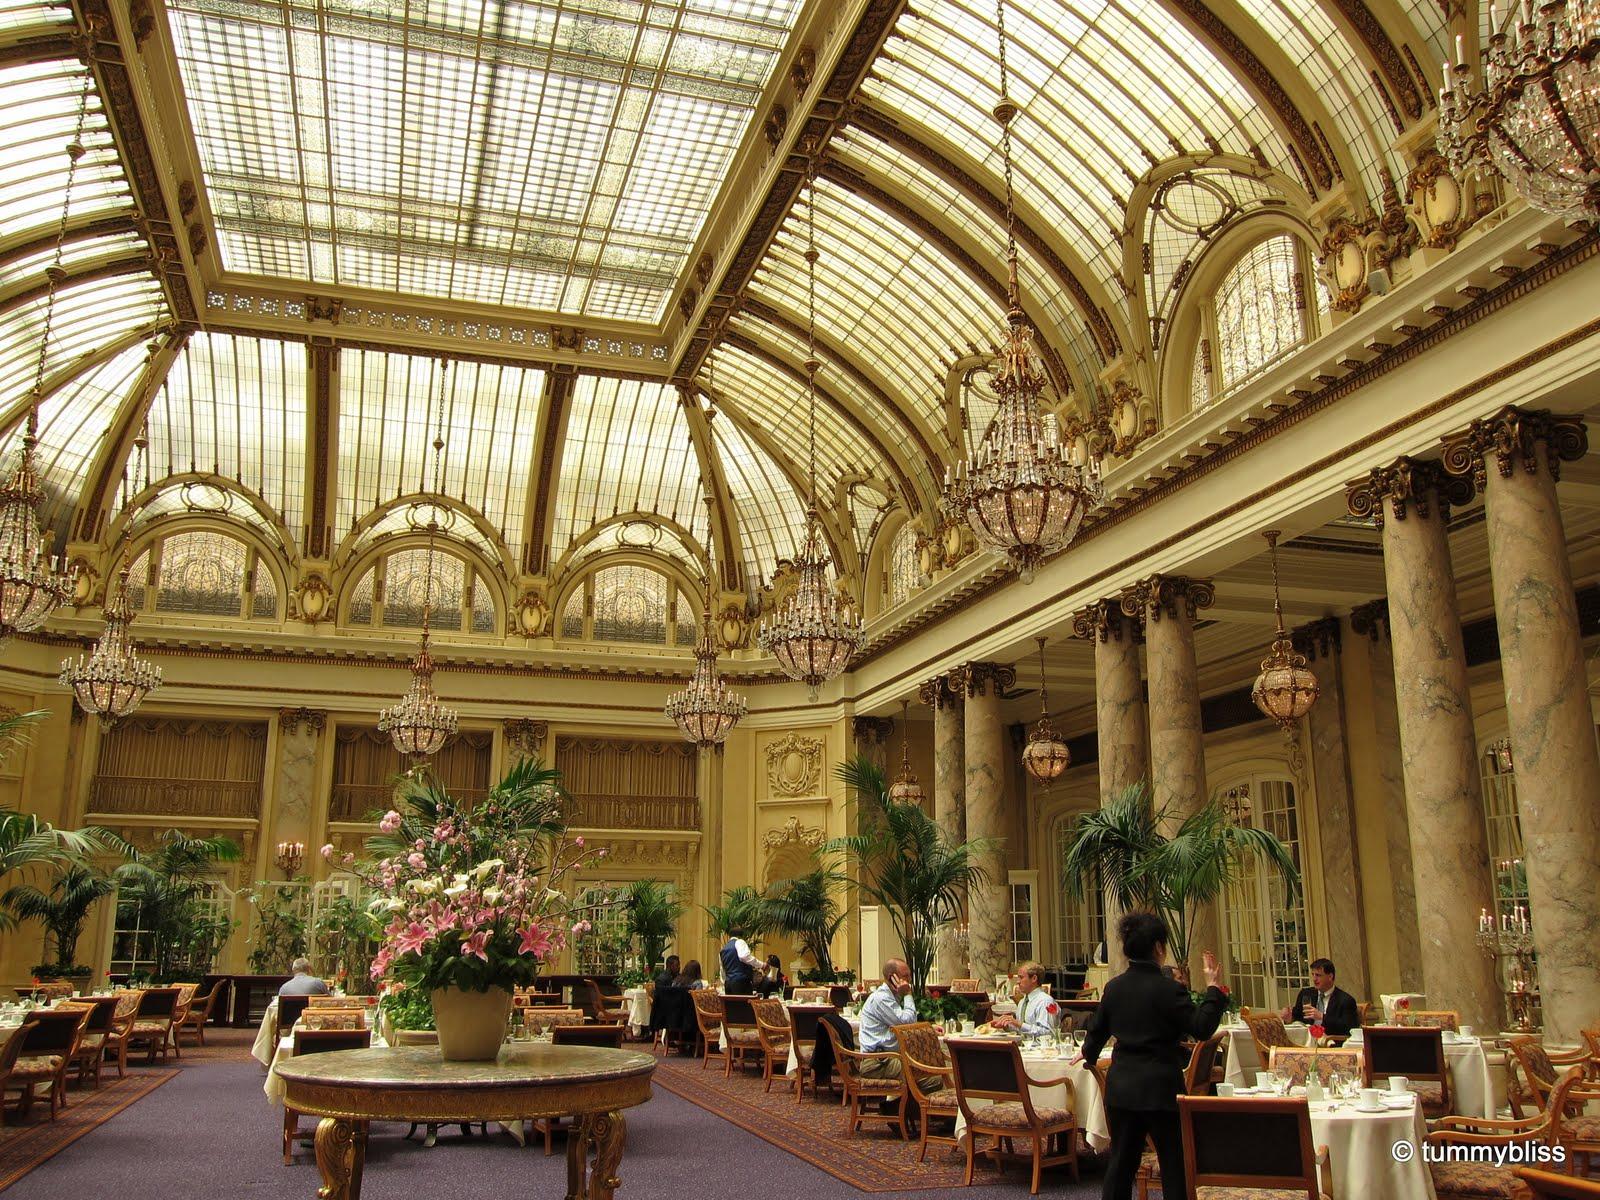 To Devour Garden Court Palace Hotel